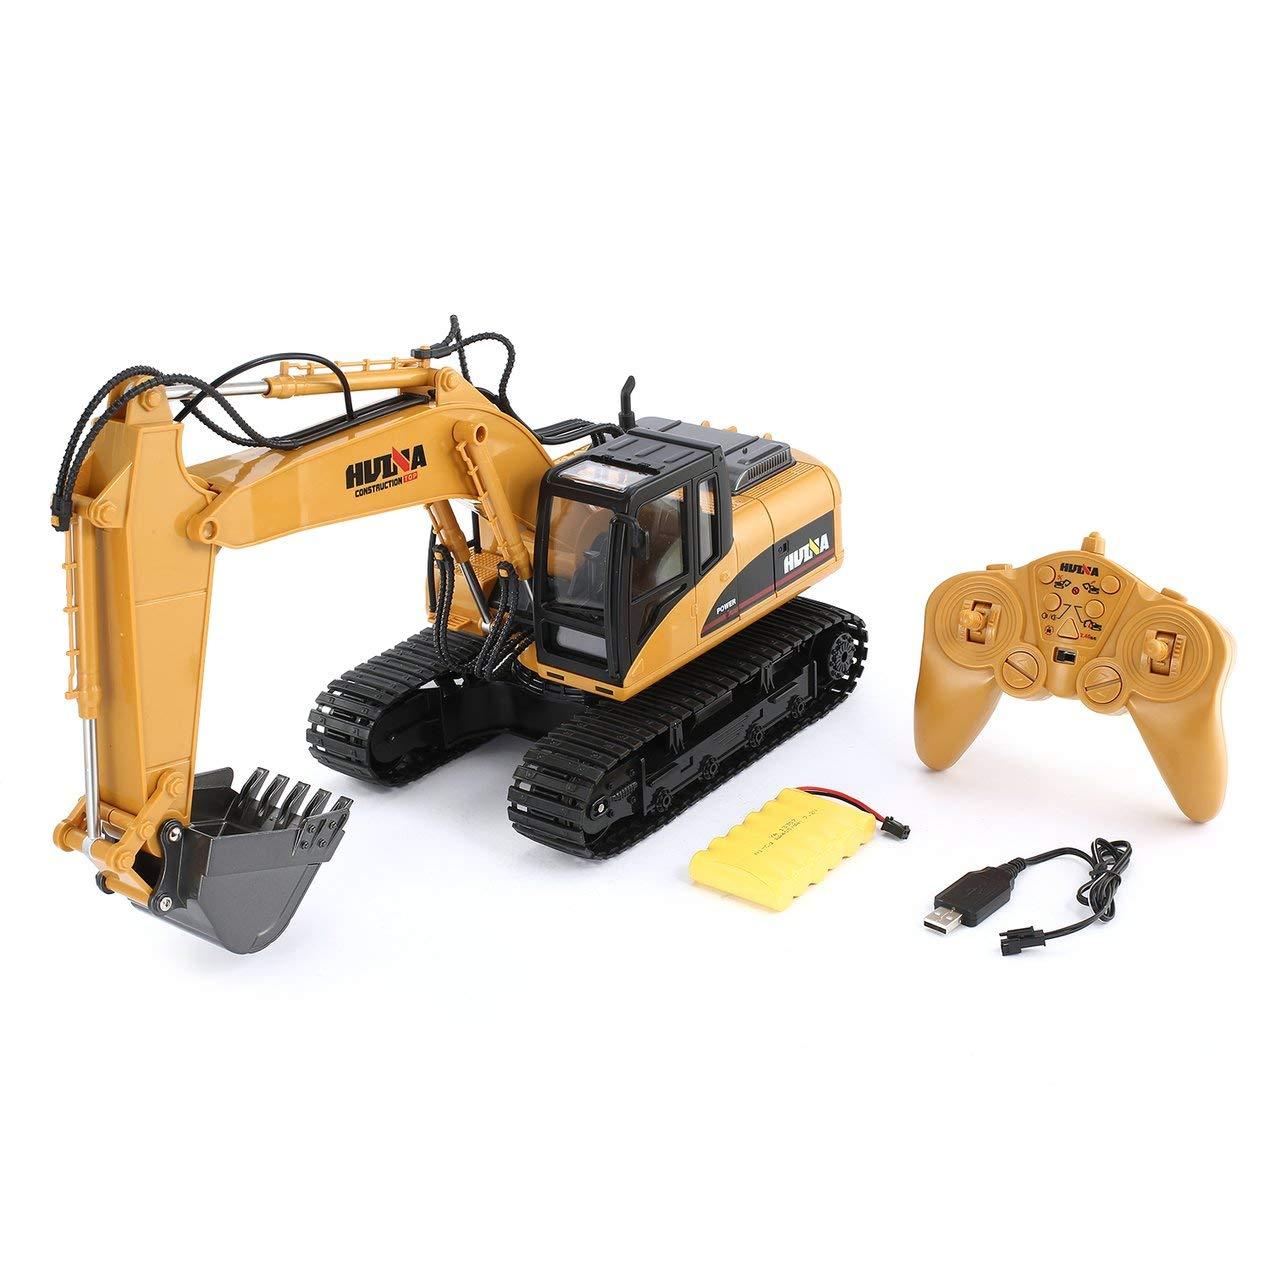 Dooret HUINA 1550 1/14 15CH 680 Grad Rotation Legierung Eimer RC Bagger Baufahrzeug Spielzeug Geschenk mit Cool Sound / Lichteffekt